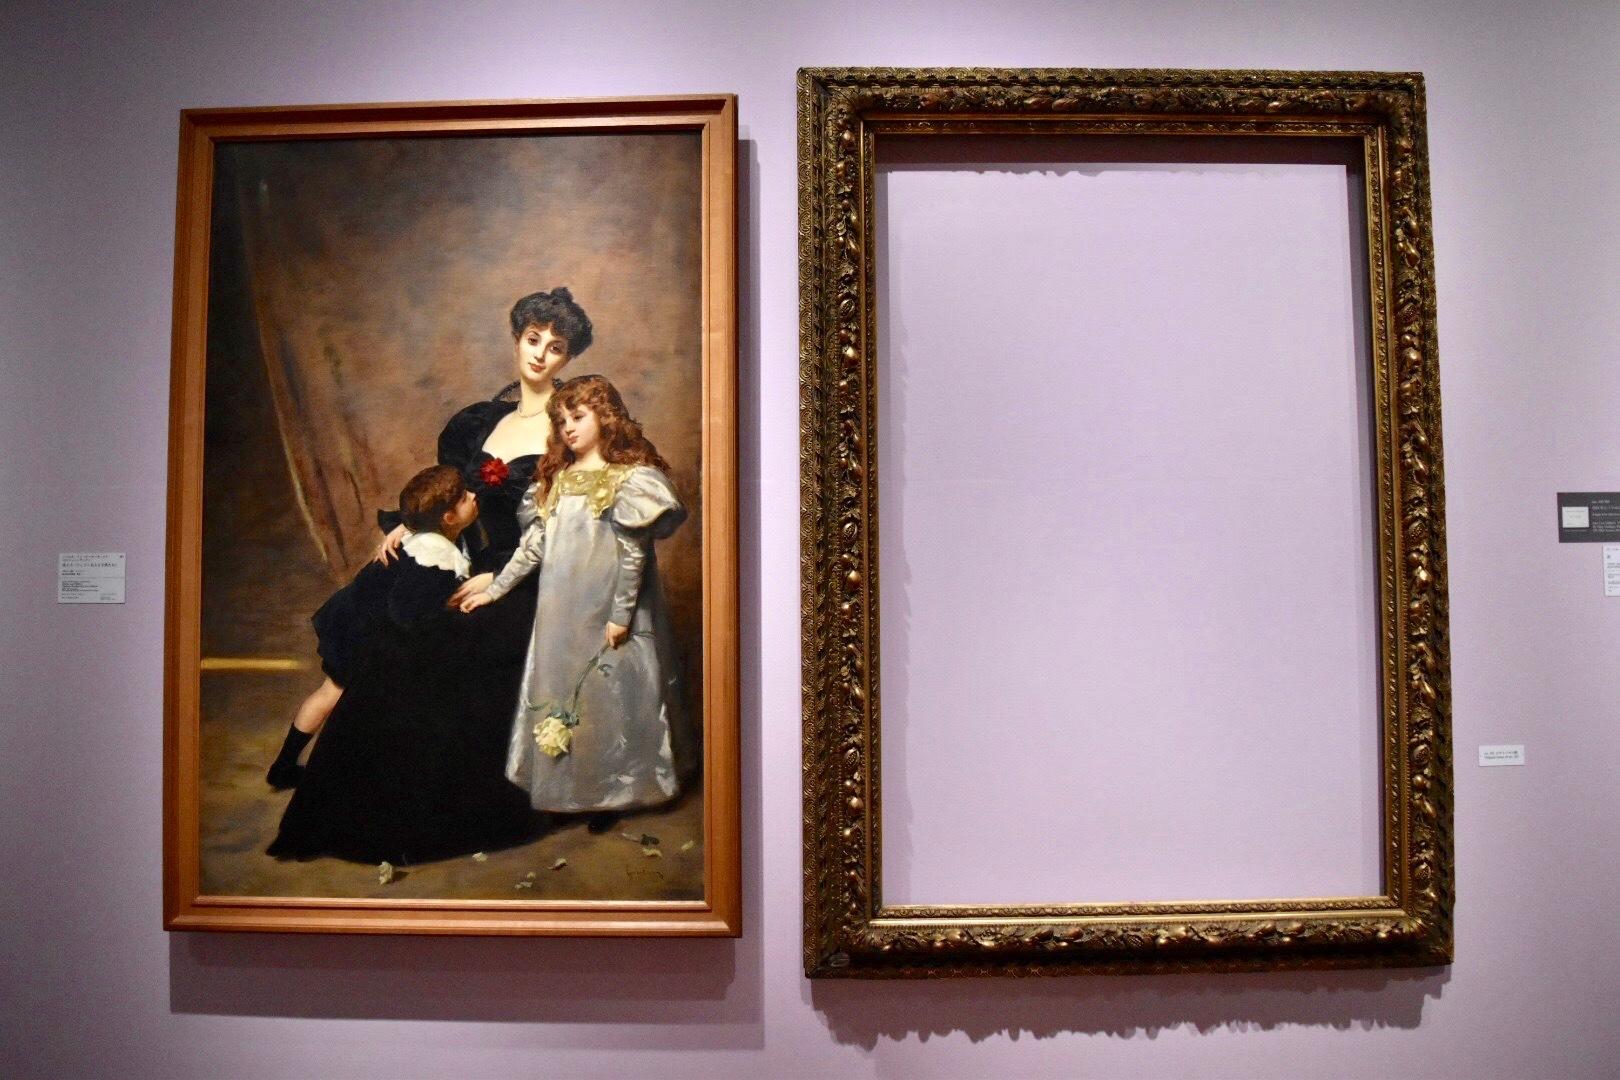 左:シャルル・エミール=オーギュスト・カロリュス=デュラン 《母と子(フェドー夫人と子供たち)》 1897年 国立西洋美術館蔵、右:オリジナル額